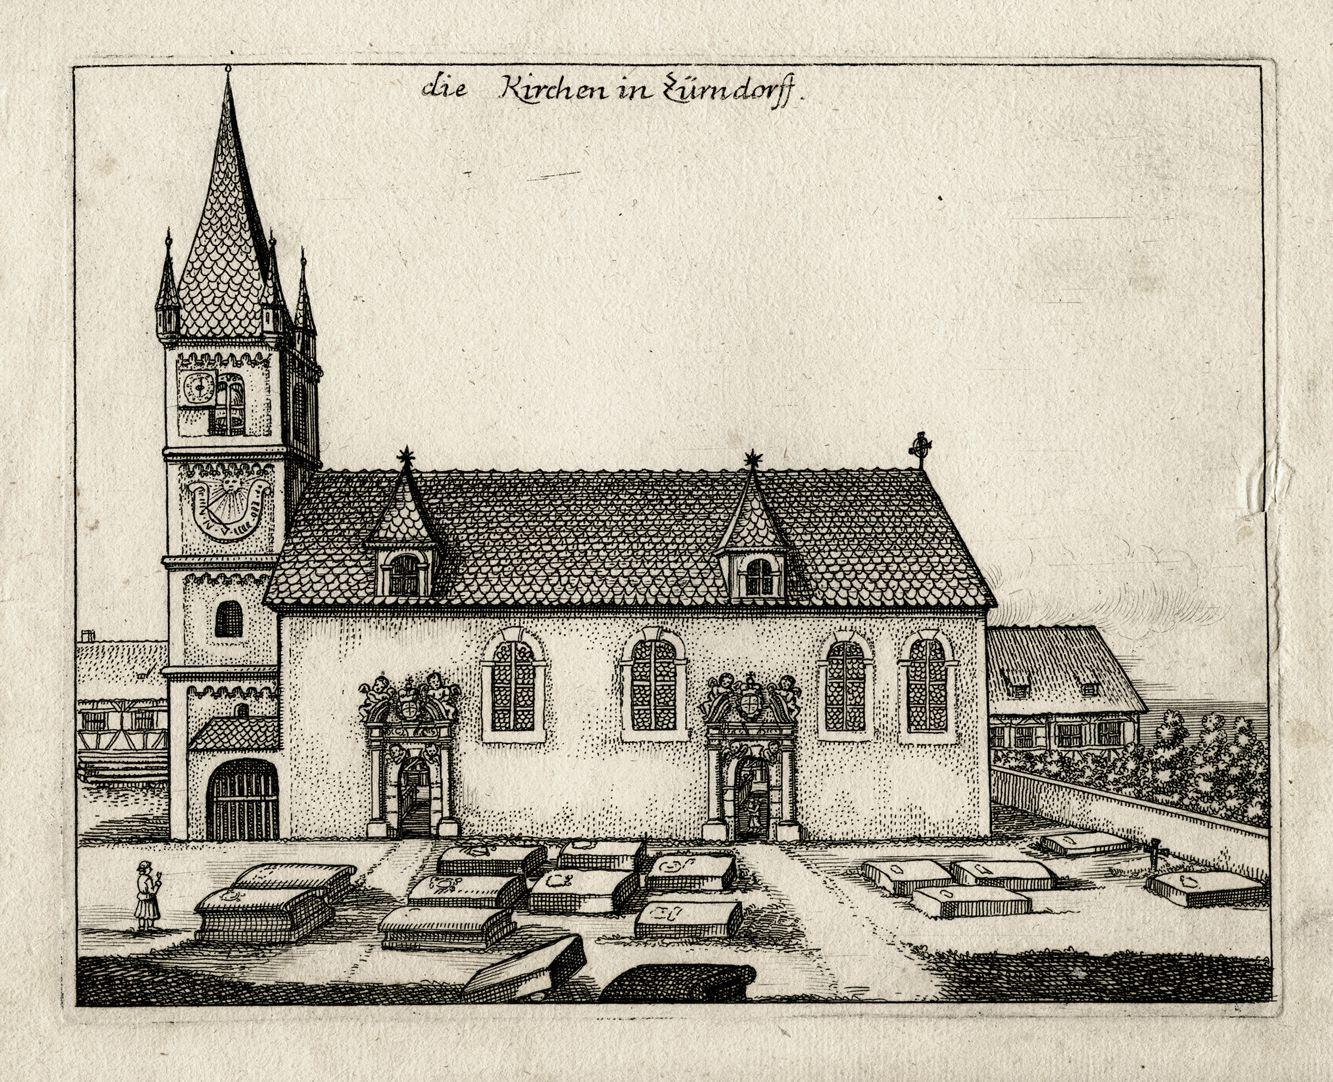 die Kirchen in Zürndorff Gesamtansicht